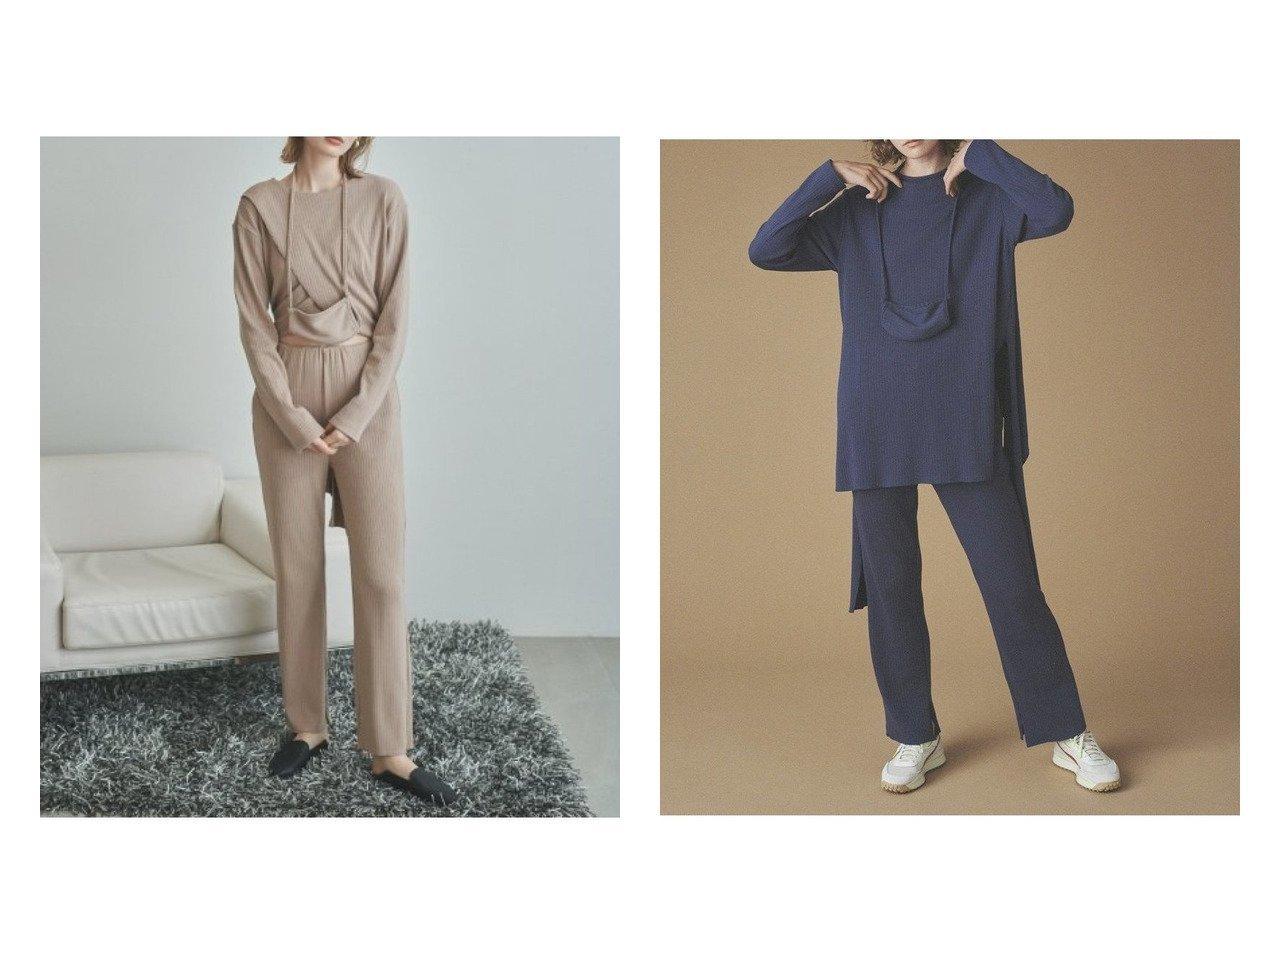 【emmi/エミ】の【emmi atelier】カットセットアップ ワンピース・ドレスのおすすめ!人気、トレンド・レディースファッションの通販 おすすめで人気の流行・トレンド、ファッションの通販商品 メンズファッション・キッズファッション・インテリア・家具・レディースファッション・服の通販 founy(ファニー) https://founy.com/ ファッション Fashion レディースファッション WOMEN トップス Tops Tshirt カットソー Cut and Sewn ウォッシャブル カットソー セットアップ 抗菌 |ID:crp329100000011522